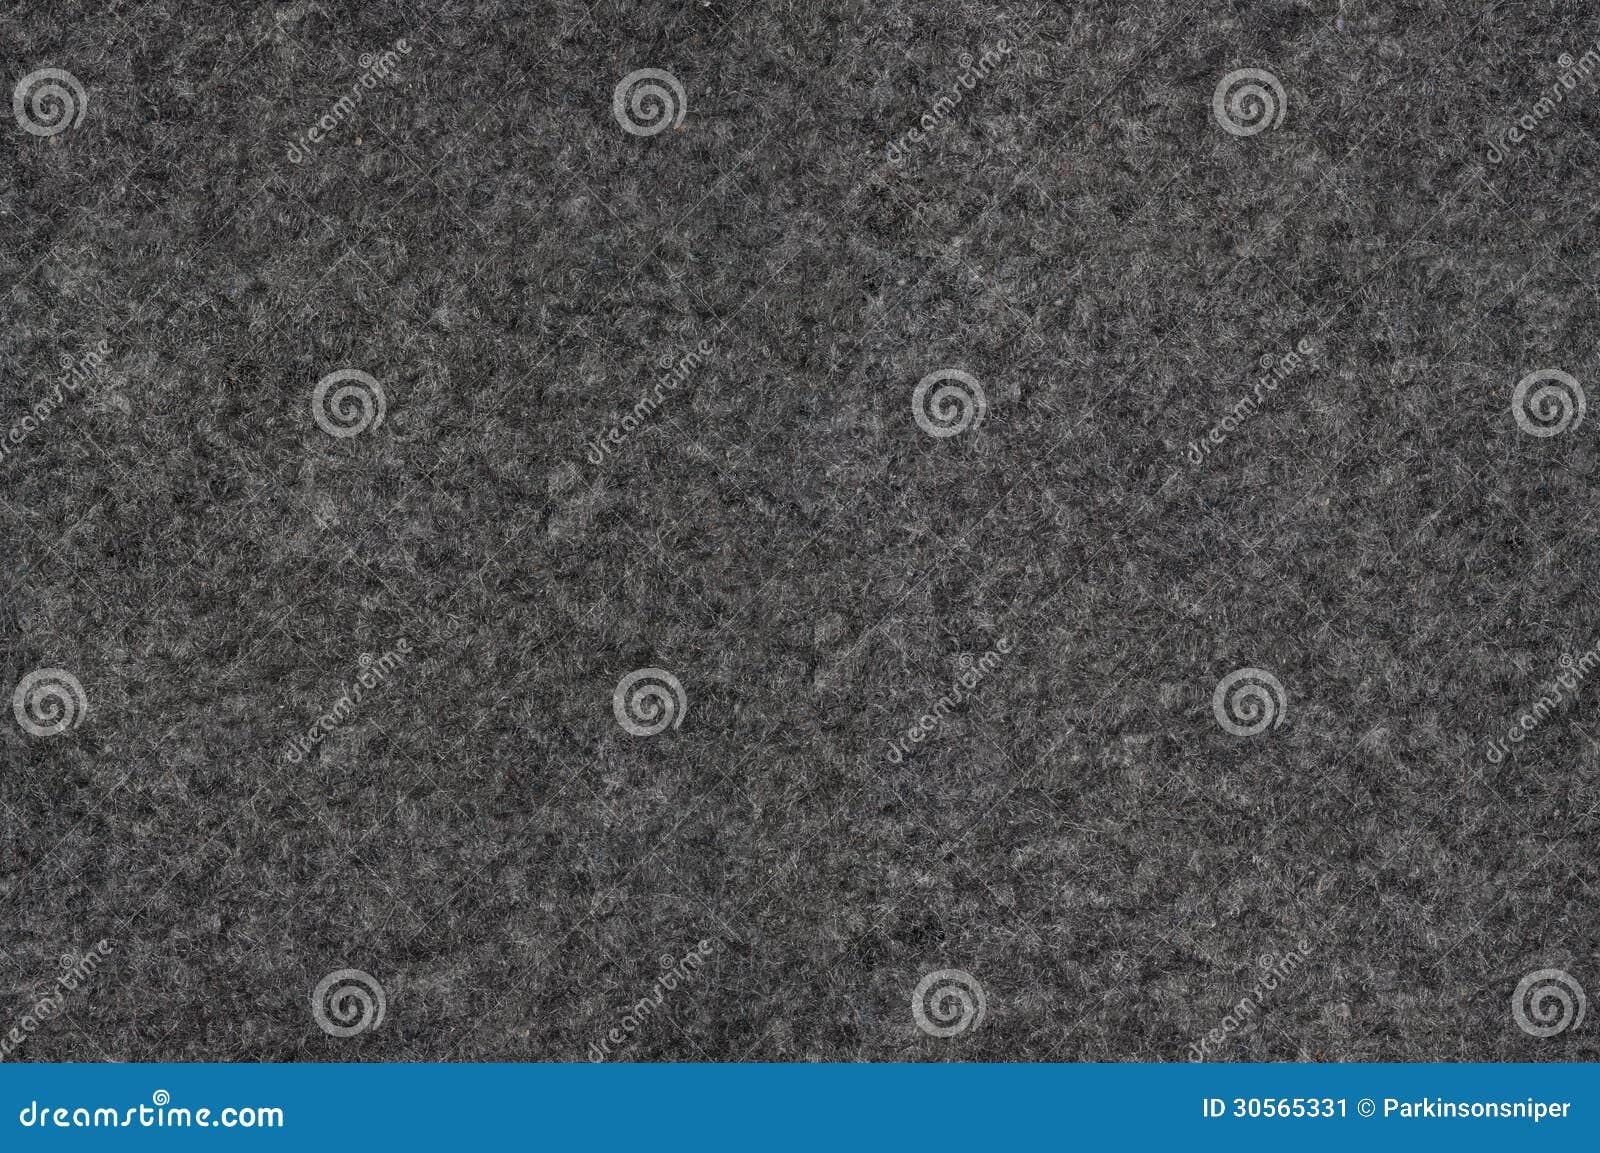 Nahtloser Boden Teppich Stockbild Bild Von Teppich Haus 30565331